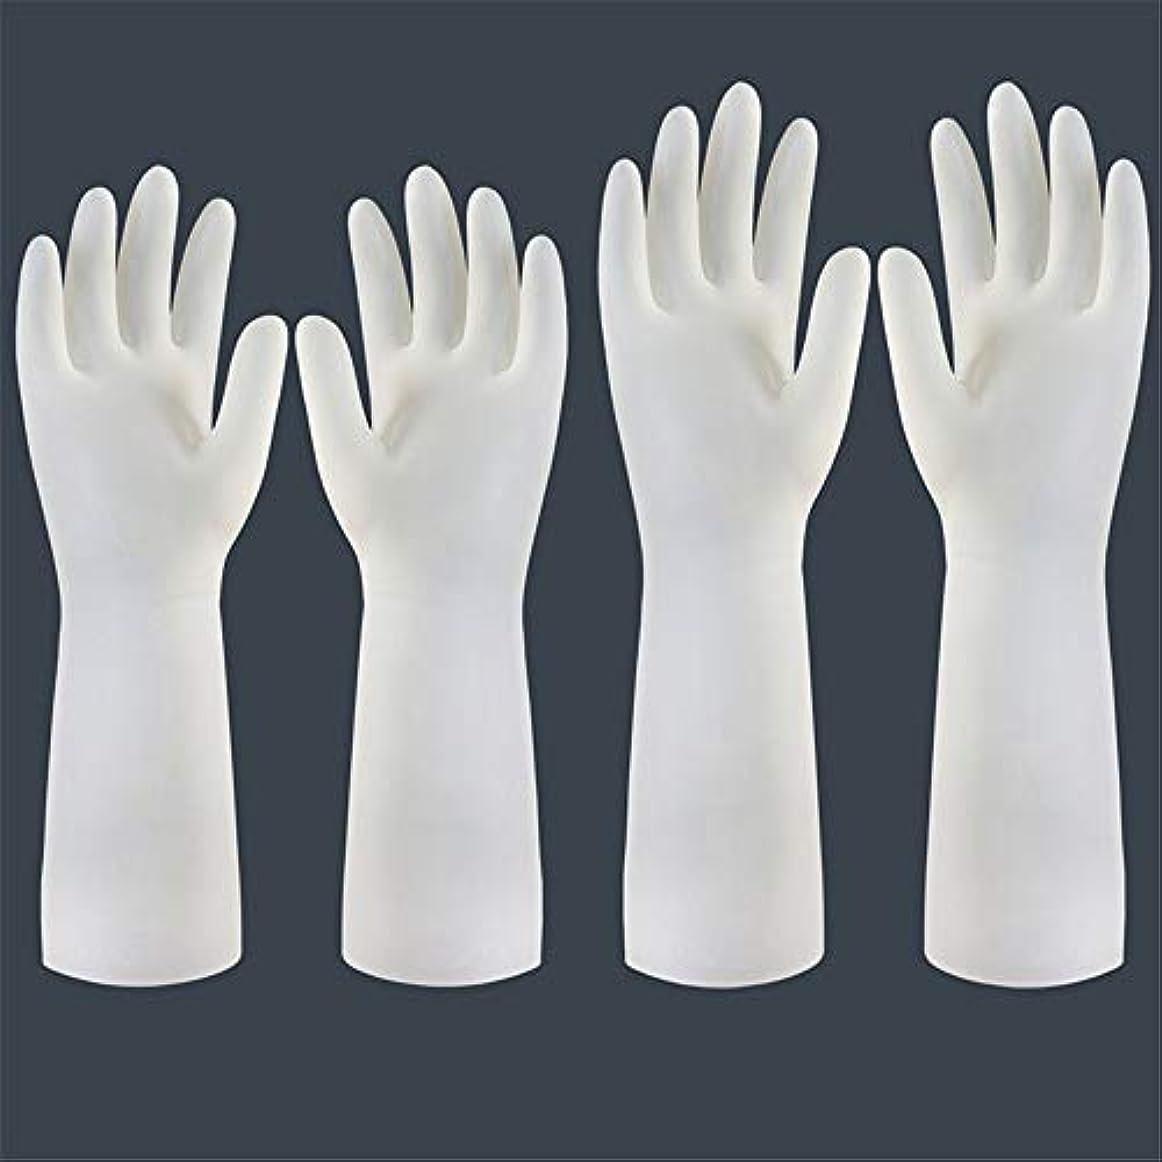 照らすわずかにライナーニトリルゴム手袋 使い捨て手袋の防水および耐久のゴム製台所手袋、小/中/大 使い捨て手袋 (Color : Short+long, Size : M)